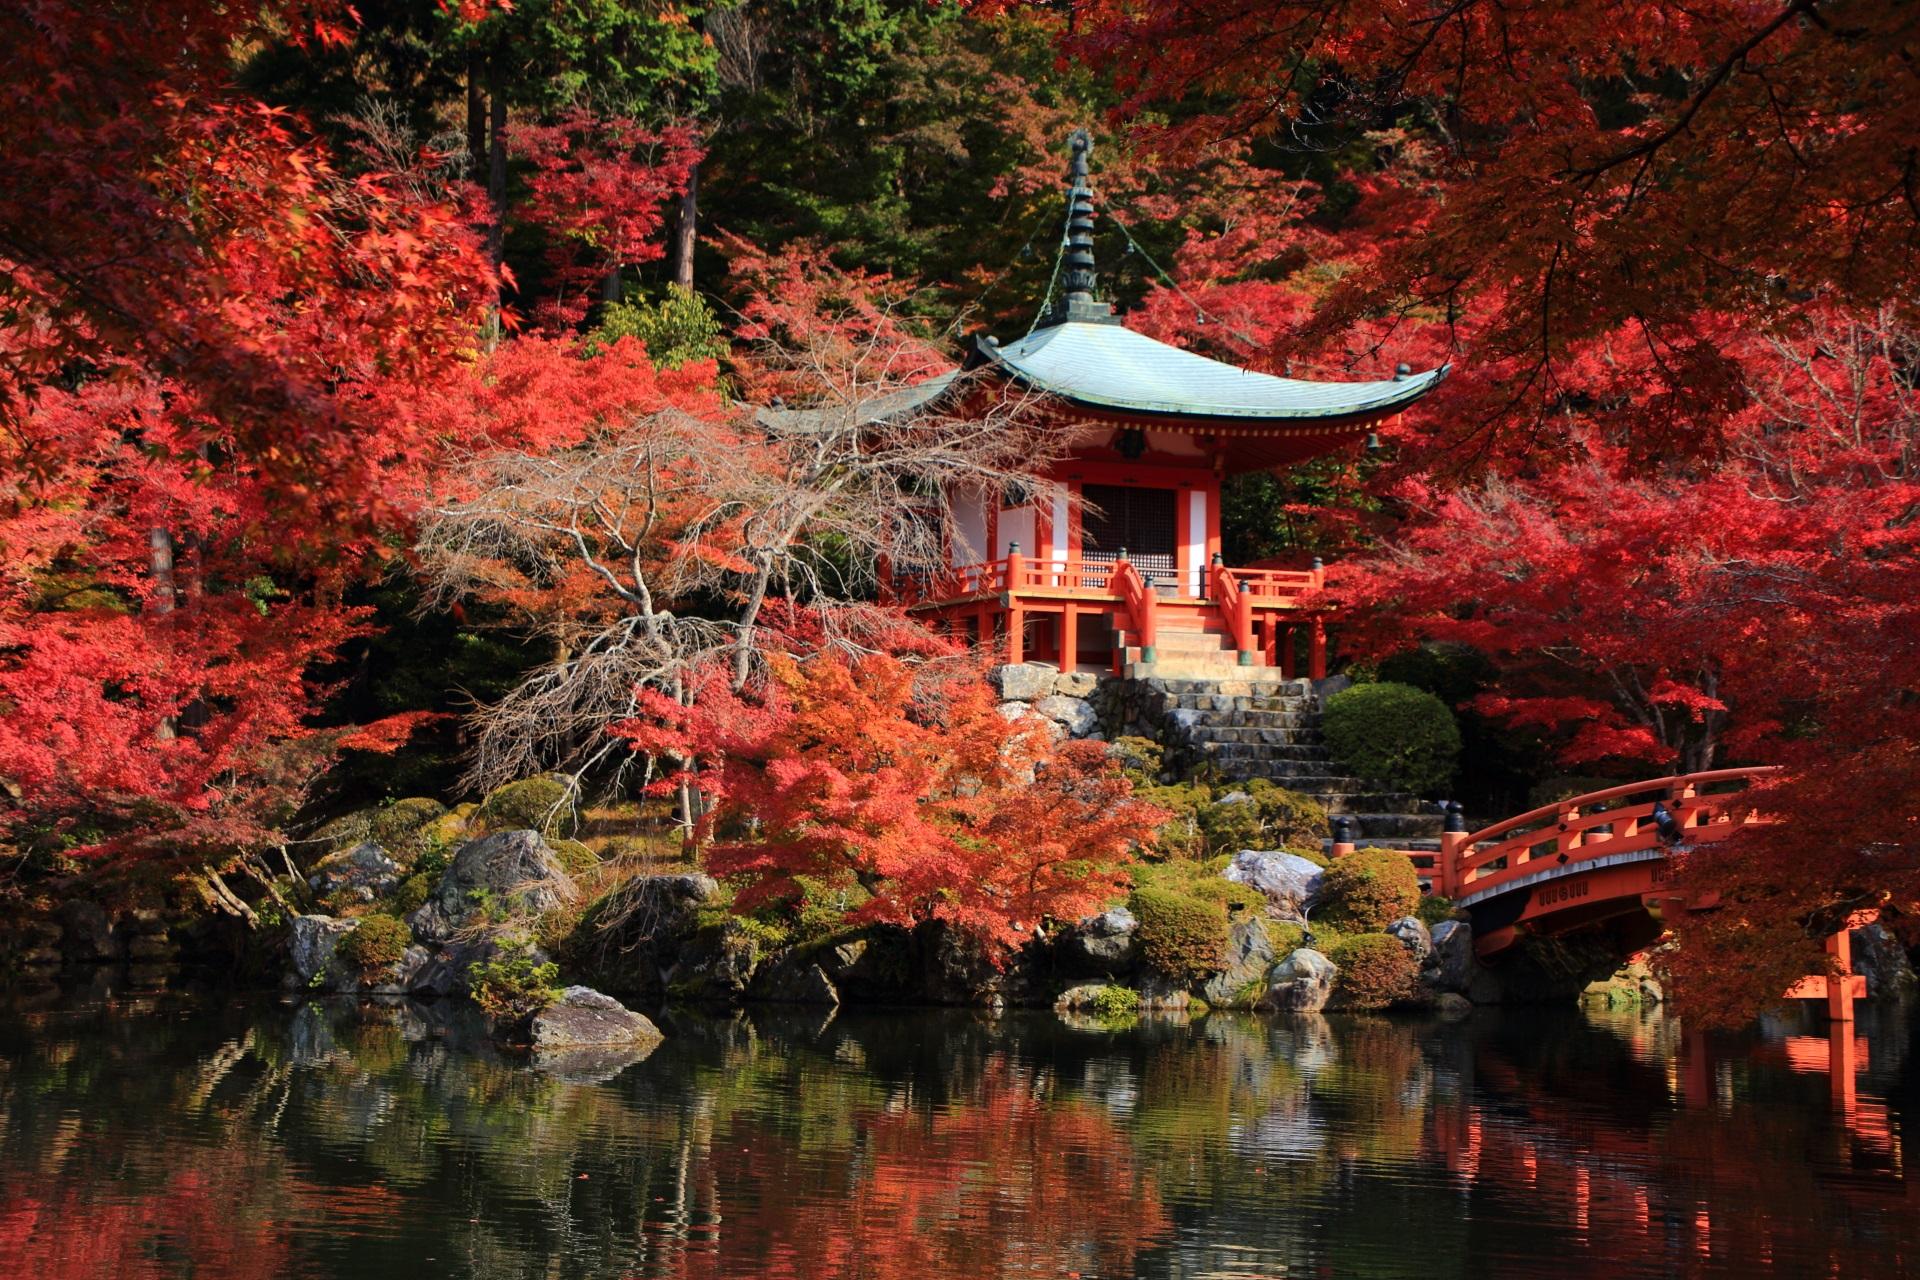 弁天堂を彩る圧巻の紅葉と水鏡